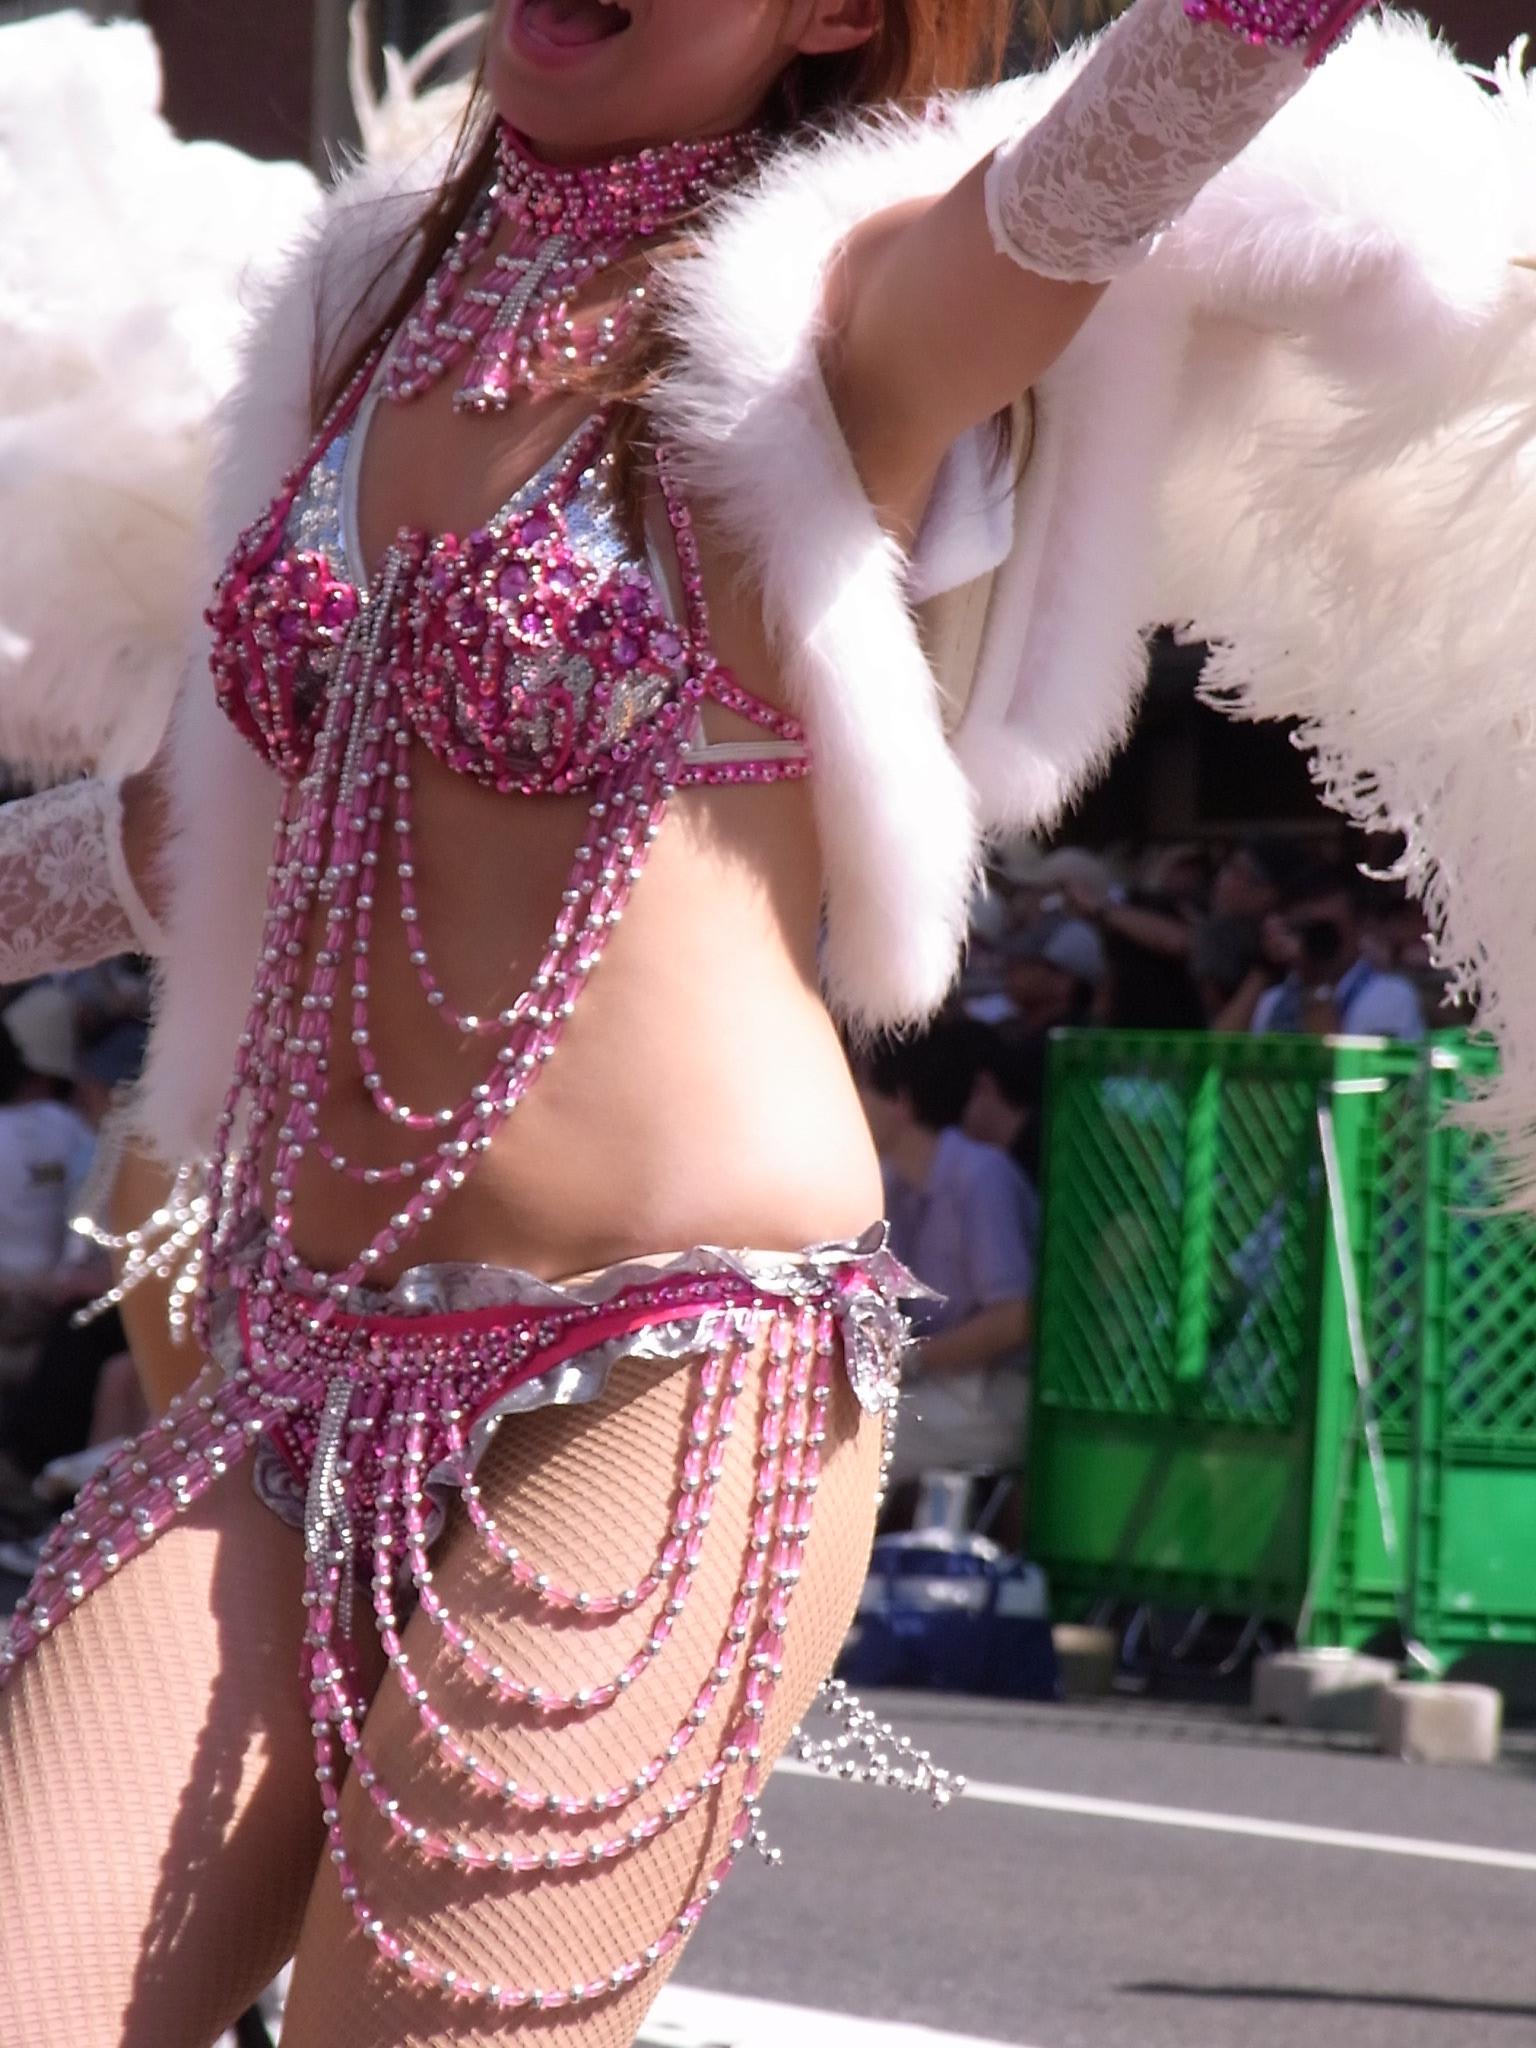 【サンバエロ画像】これでも抑え気味w乳と尻限界まで出して踊るサンバ美女www 10